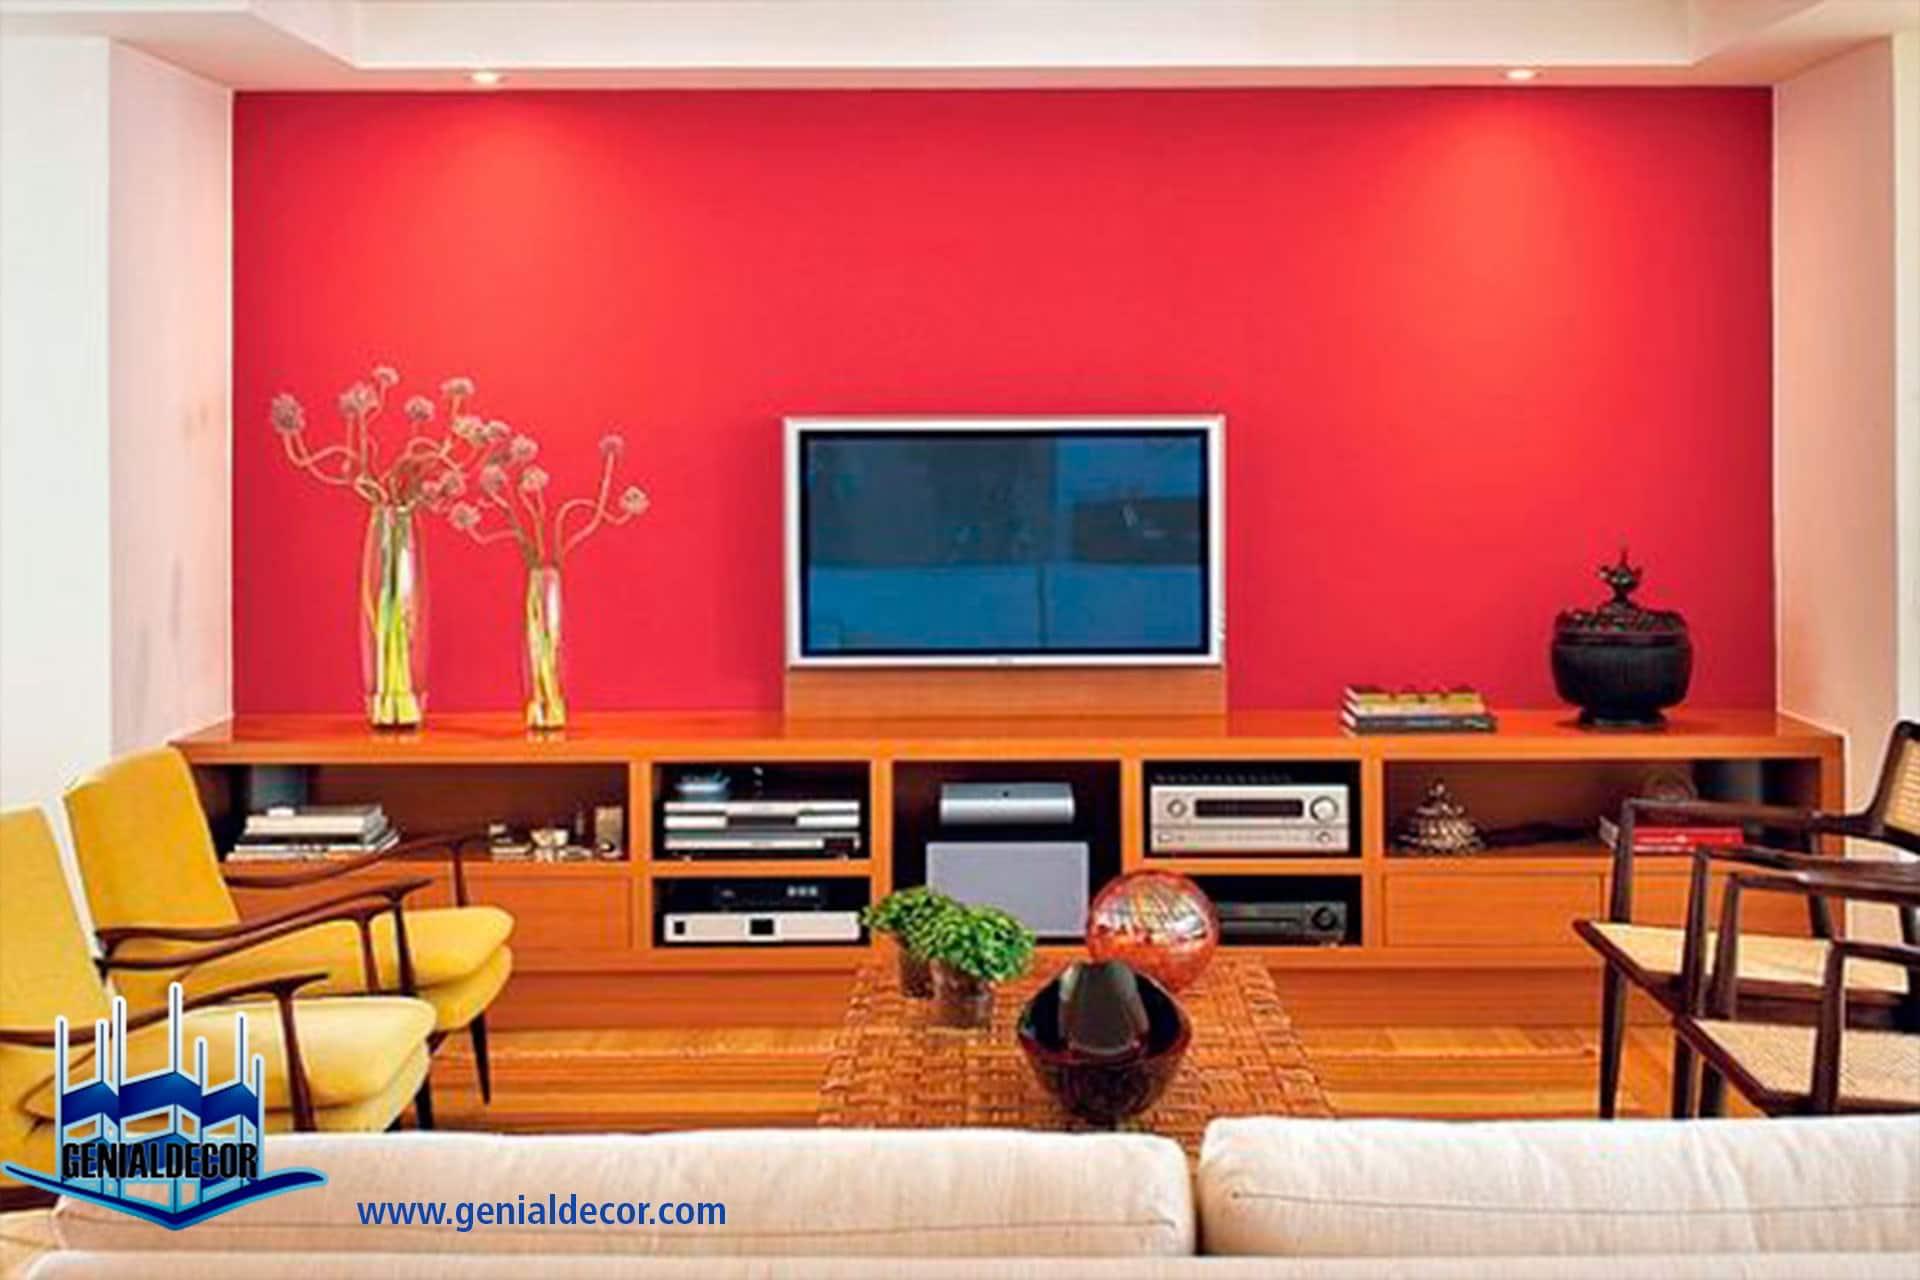 Tips para la decoraci n de centro de entretenimiento for Jugar decoracion de interiores